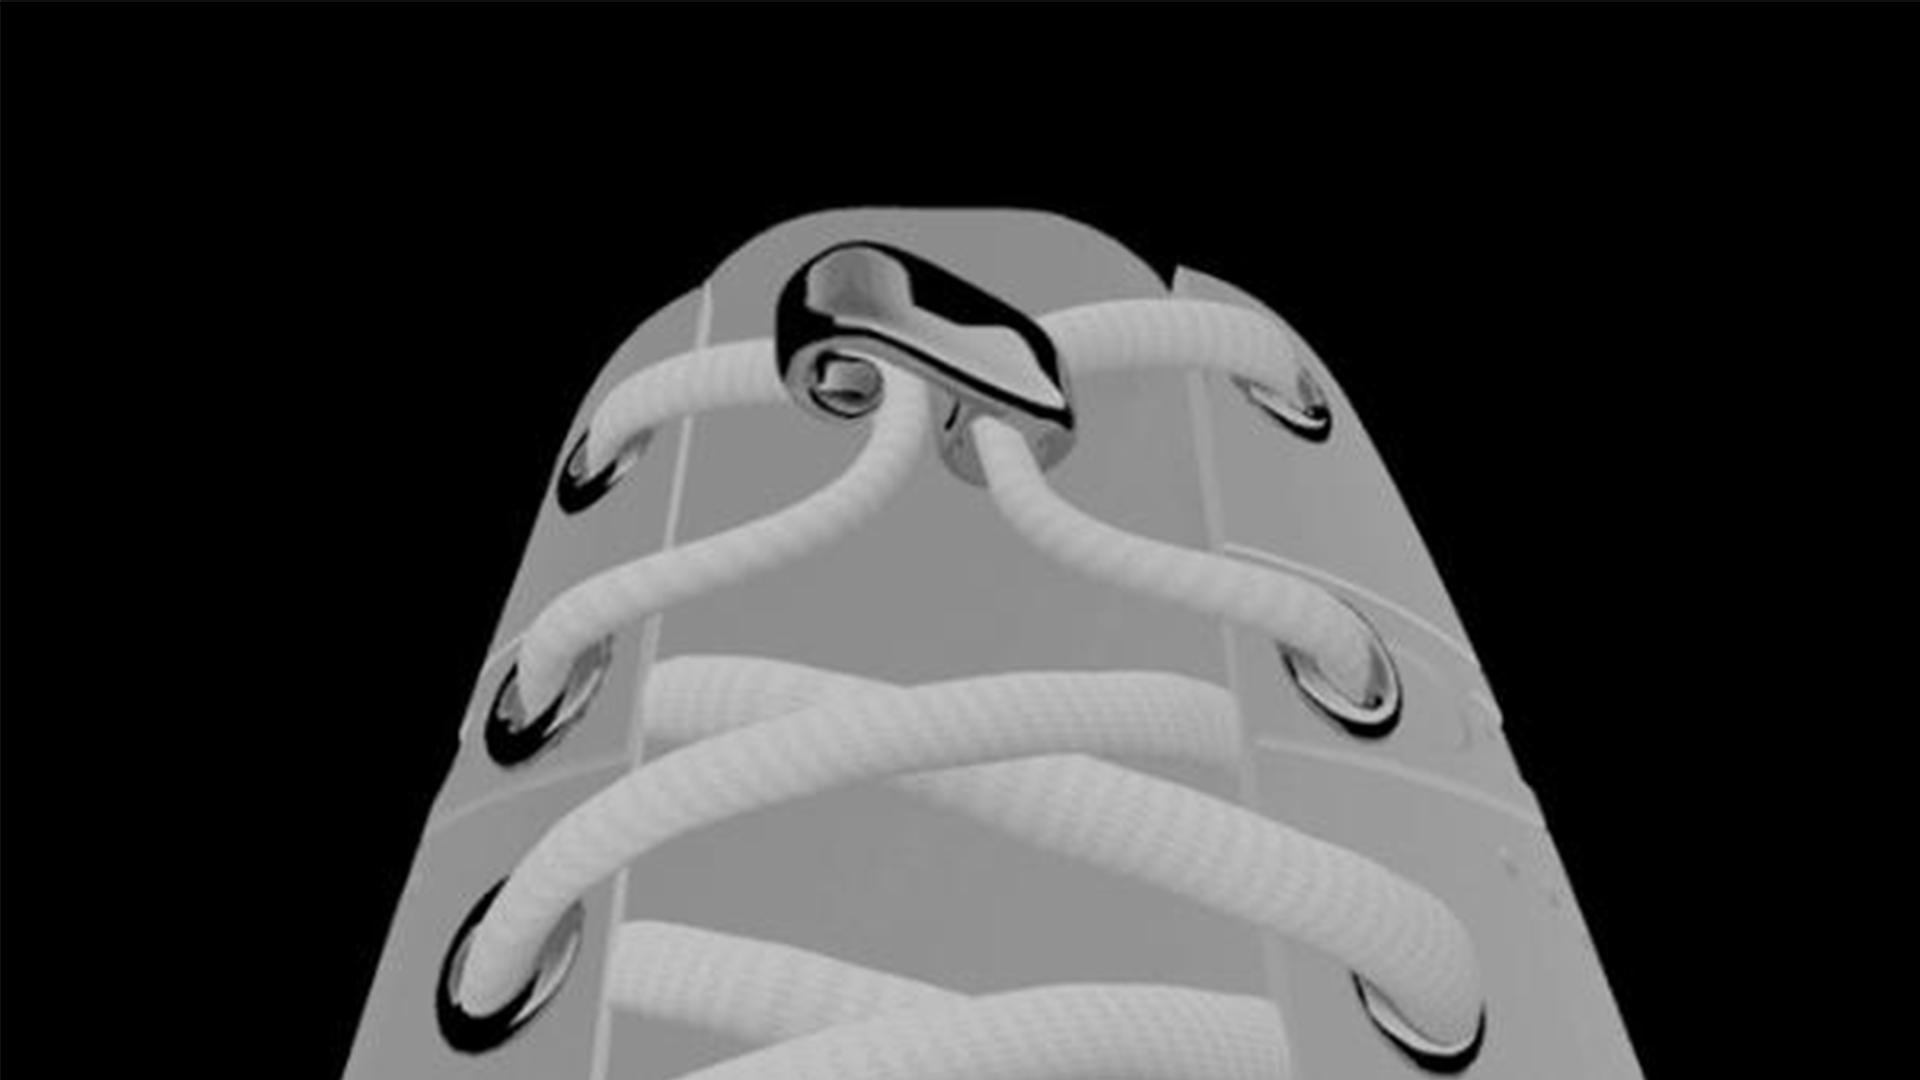 【智能界大百科】懒人福音:这个小玩意儿不仅自动系带并防备脚伤